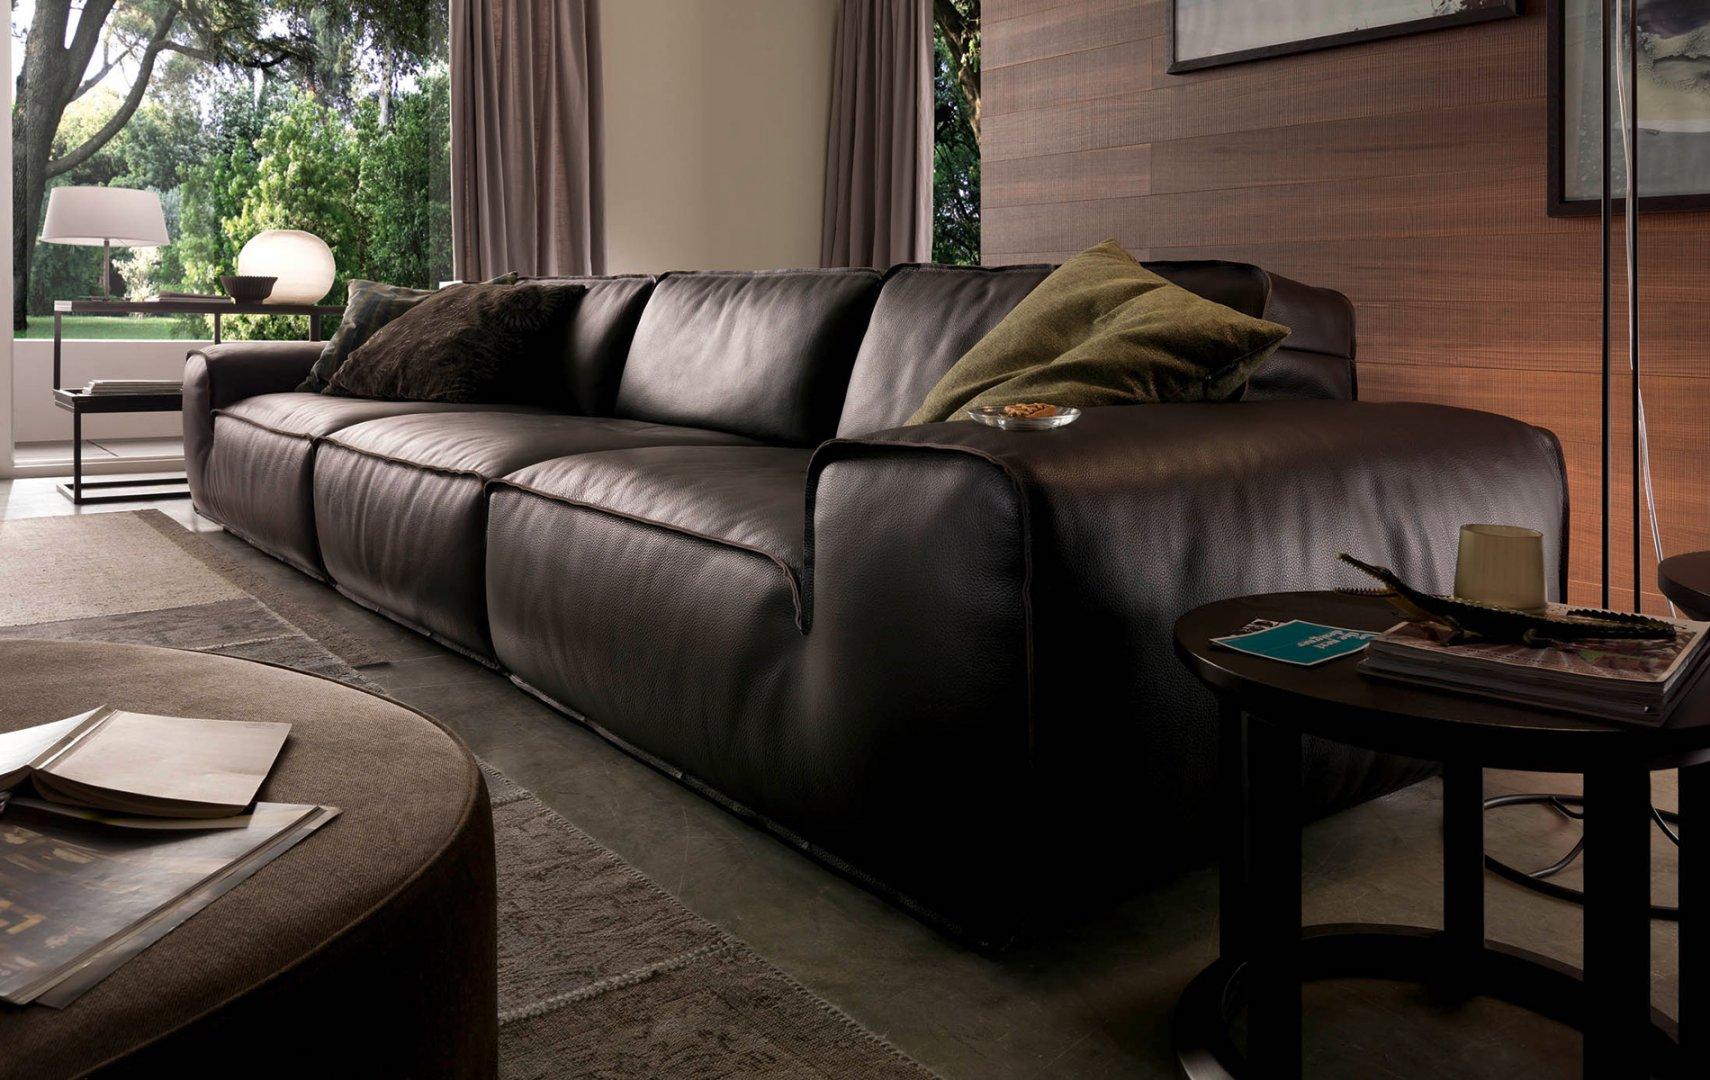 Sofa da Avenue văng 3 (L3880xW1220xH800)3